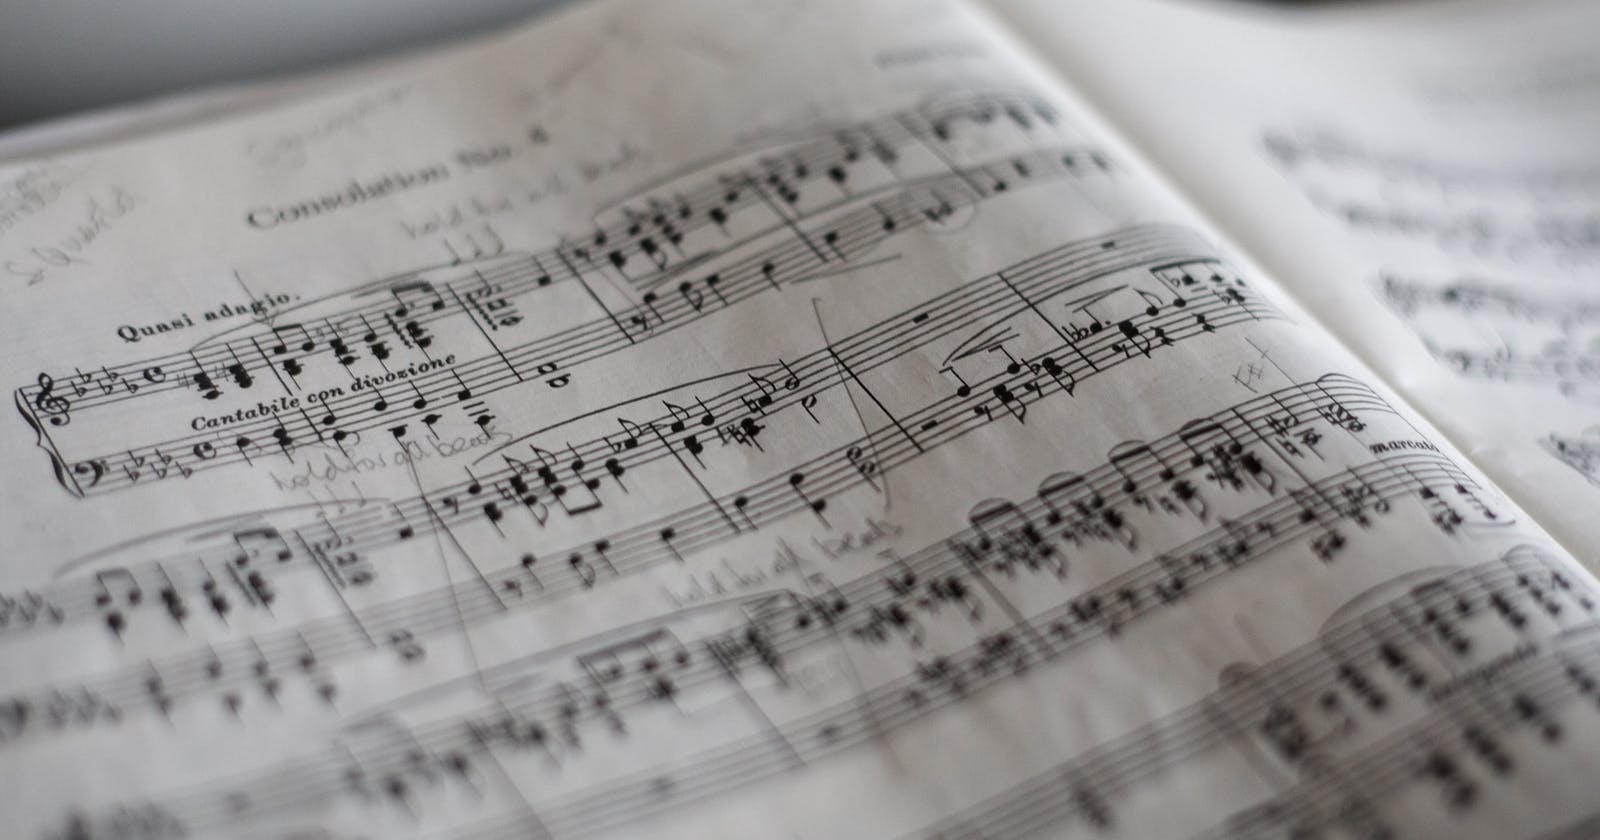 rascunho para partitura e tablatura de baixo (4, 5 e 6 cordas) + notação musical no computador